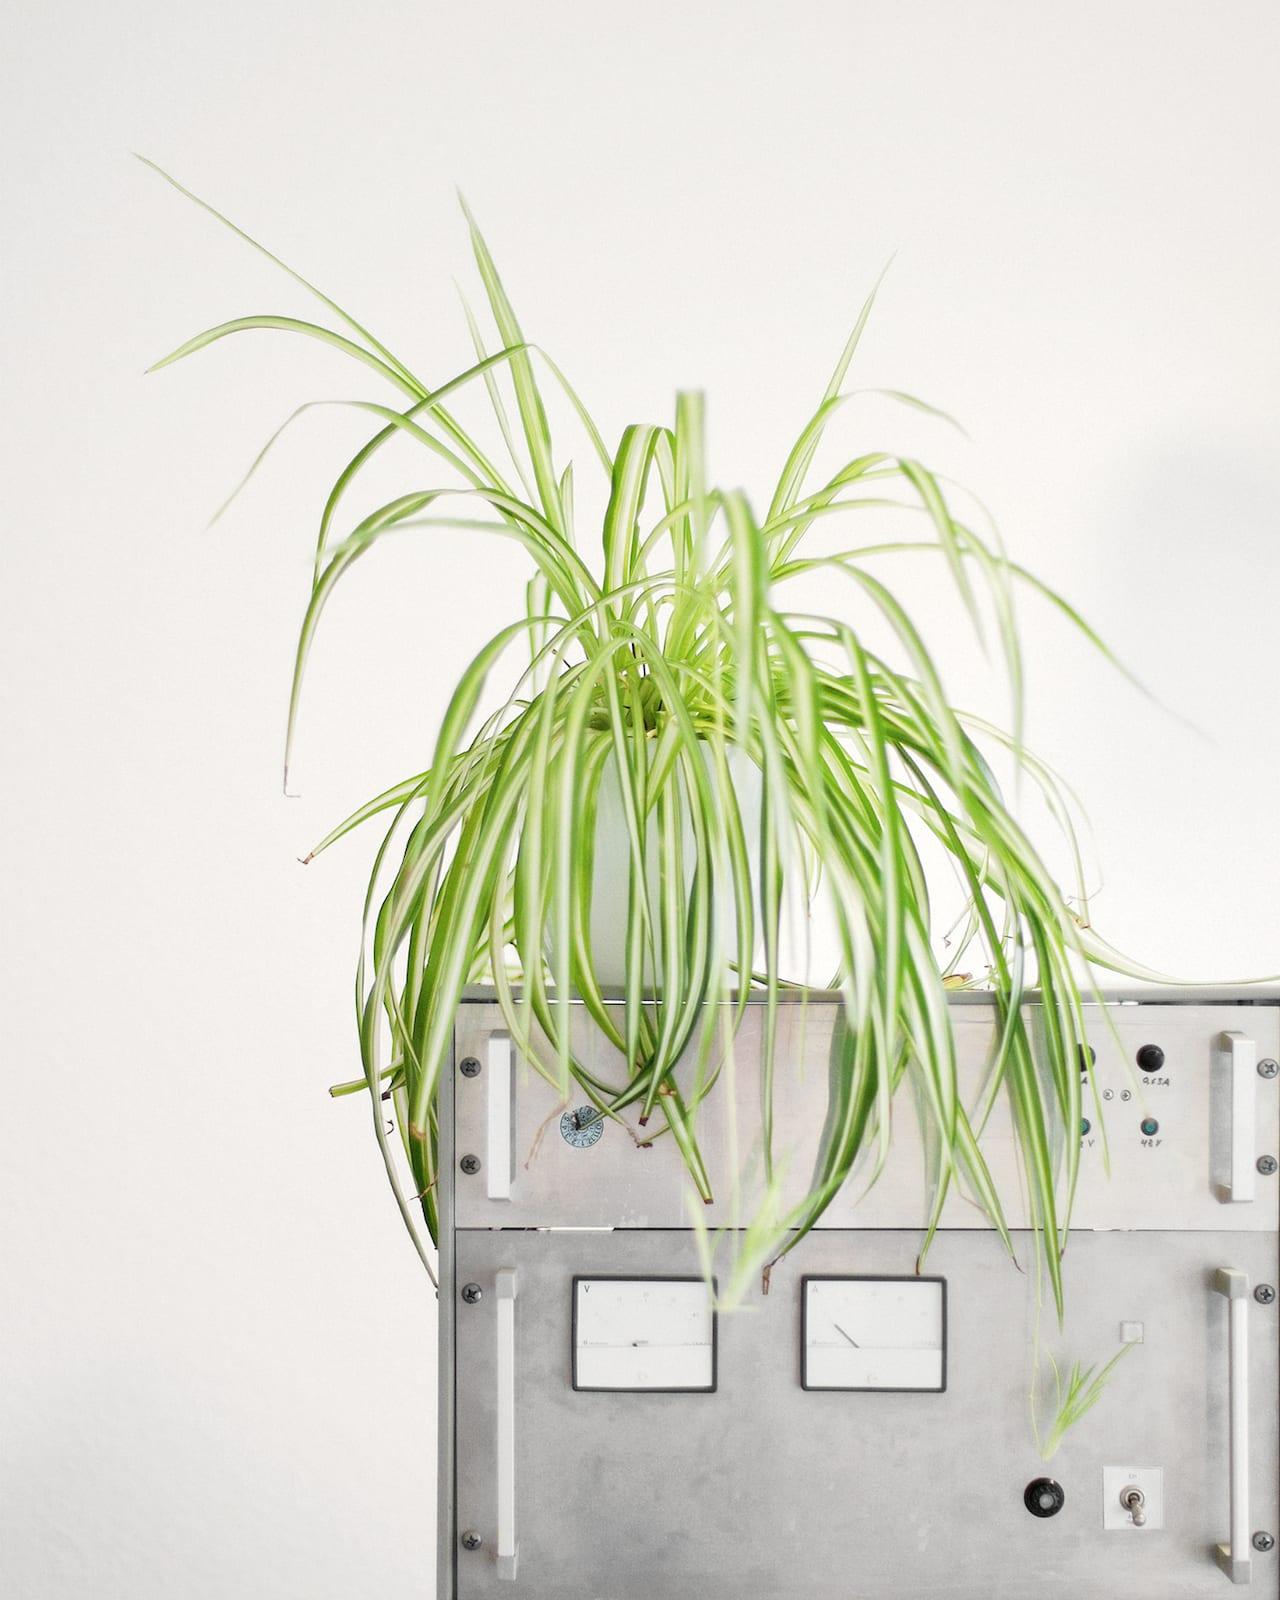 Frederik Busch photographs German Business Plants – British